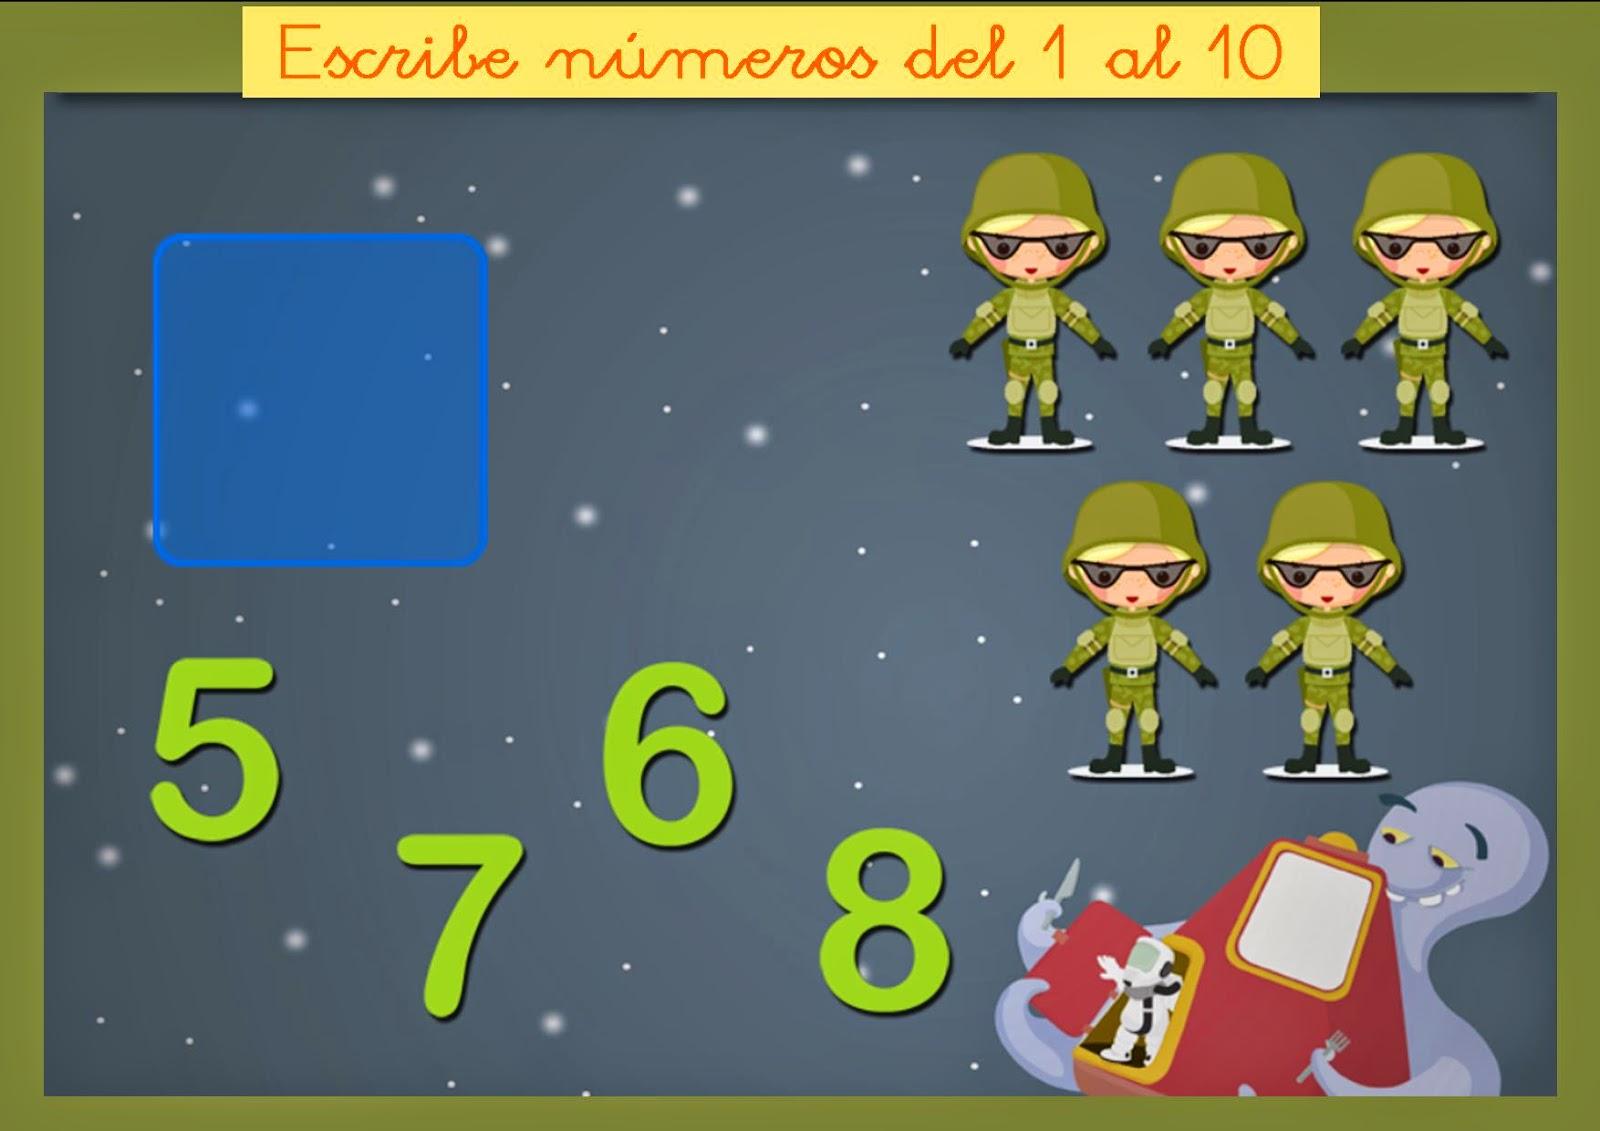 http://www.mundoprimaria.com/juegos/matematicas/numeros-operaciones/1-primaria/13-juego-conjuntos-1-al-10/index.php